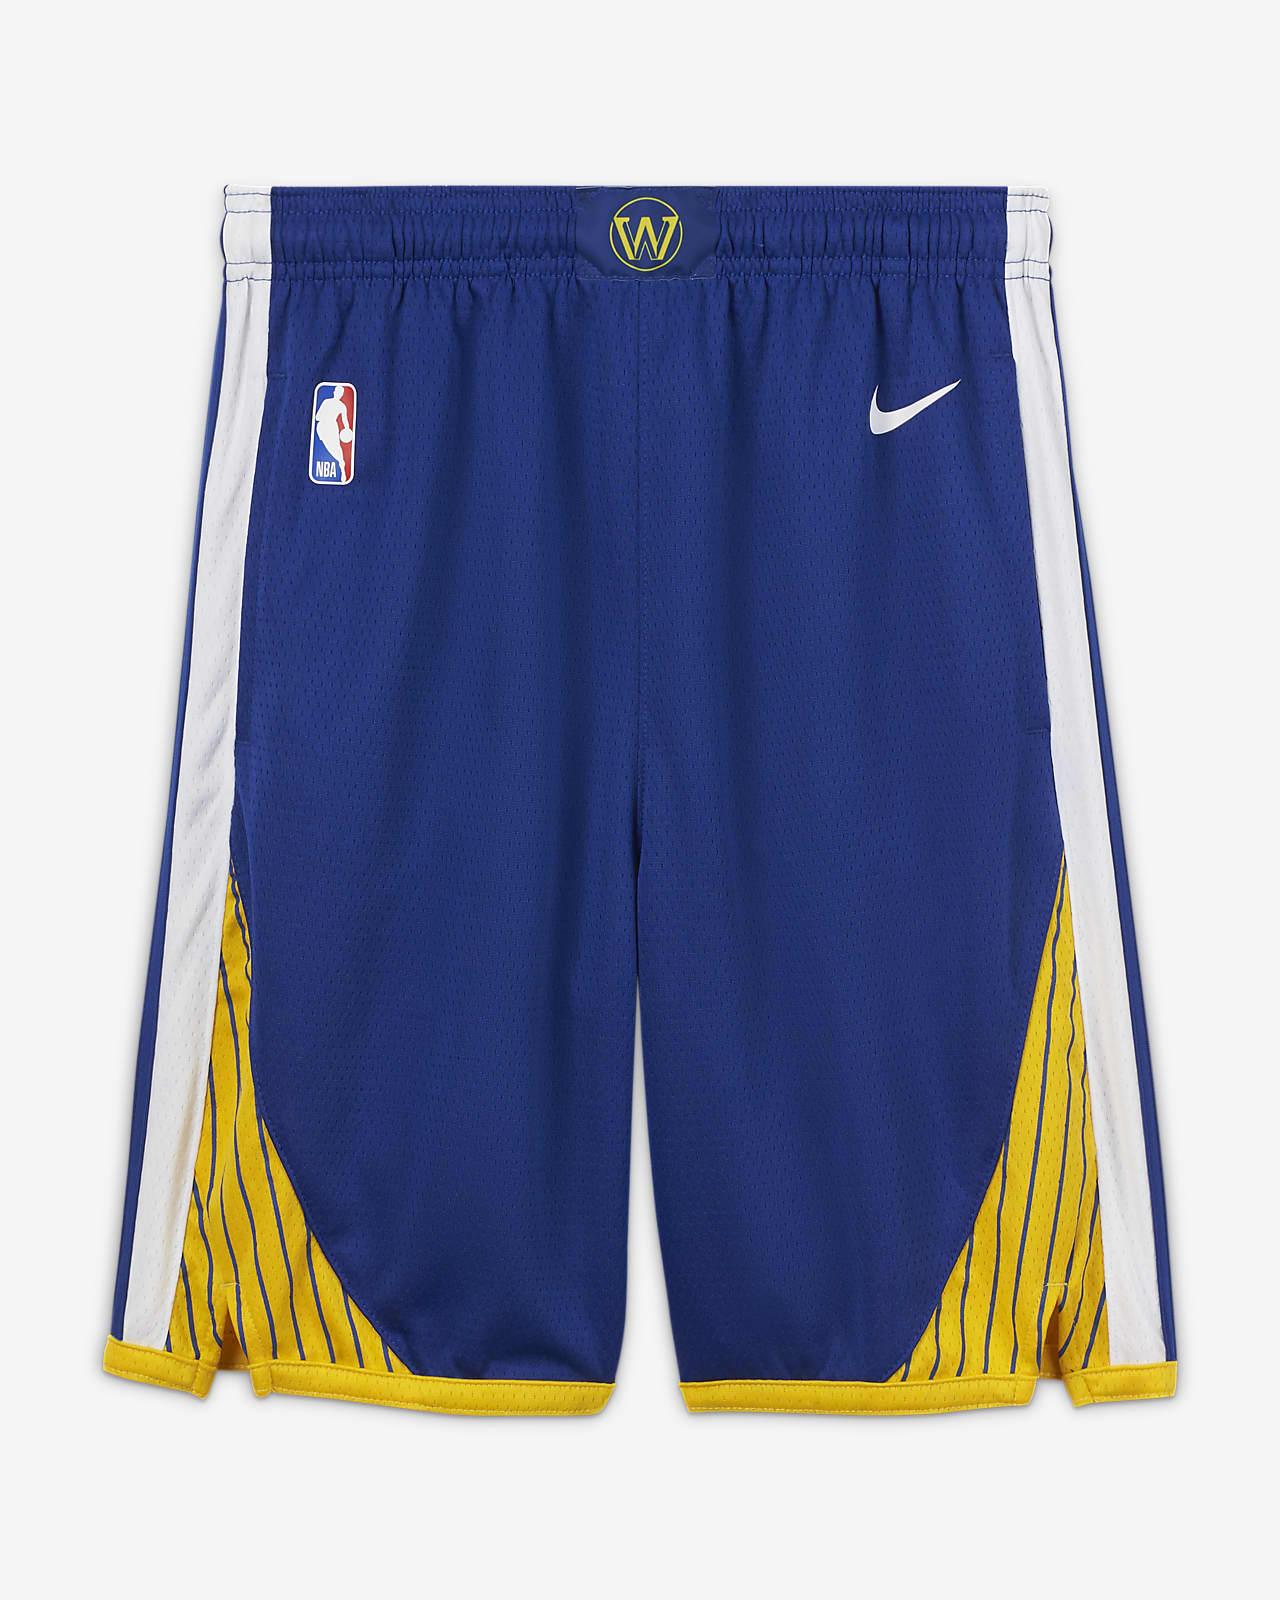 Spodenki dla dużych dzieci Nike NBA Swingman Golden State Warriors Icon Edition